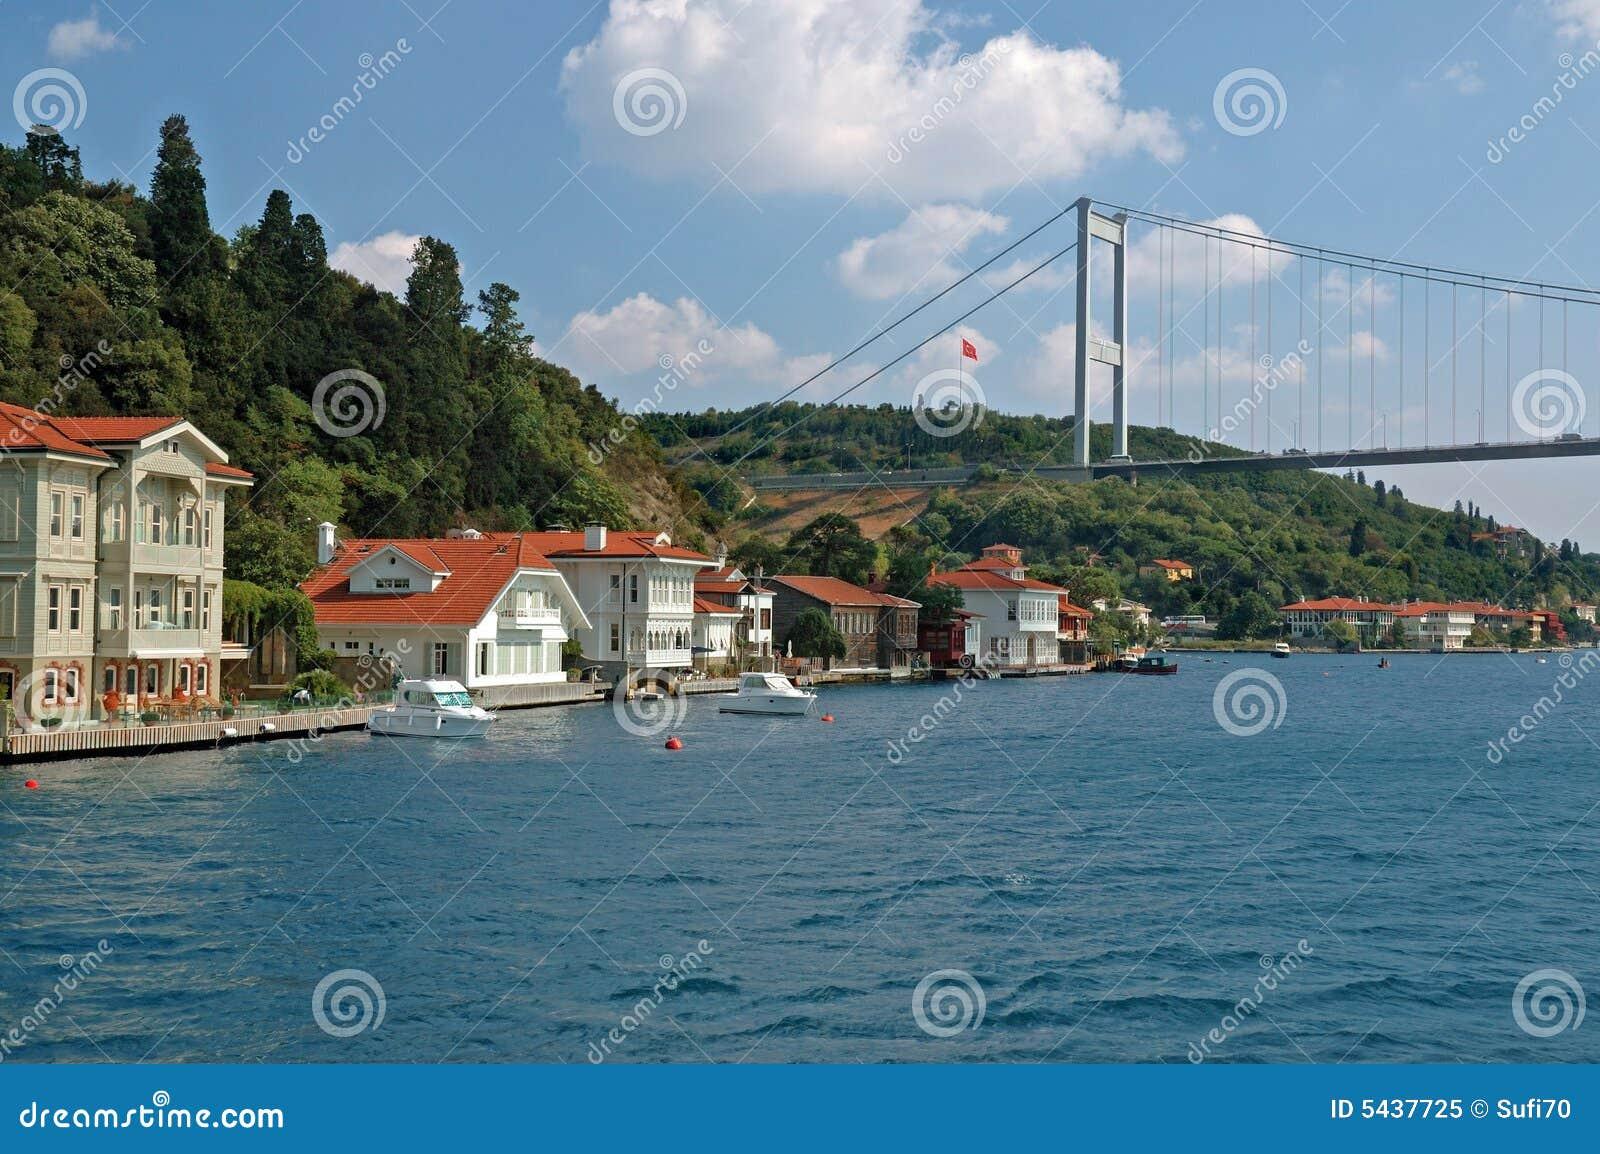 Bosphorus Strait In Istanbul, Turkey Stock Image - Image: 5437725